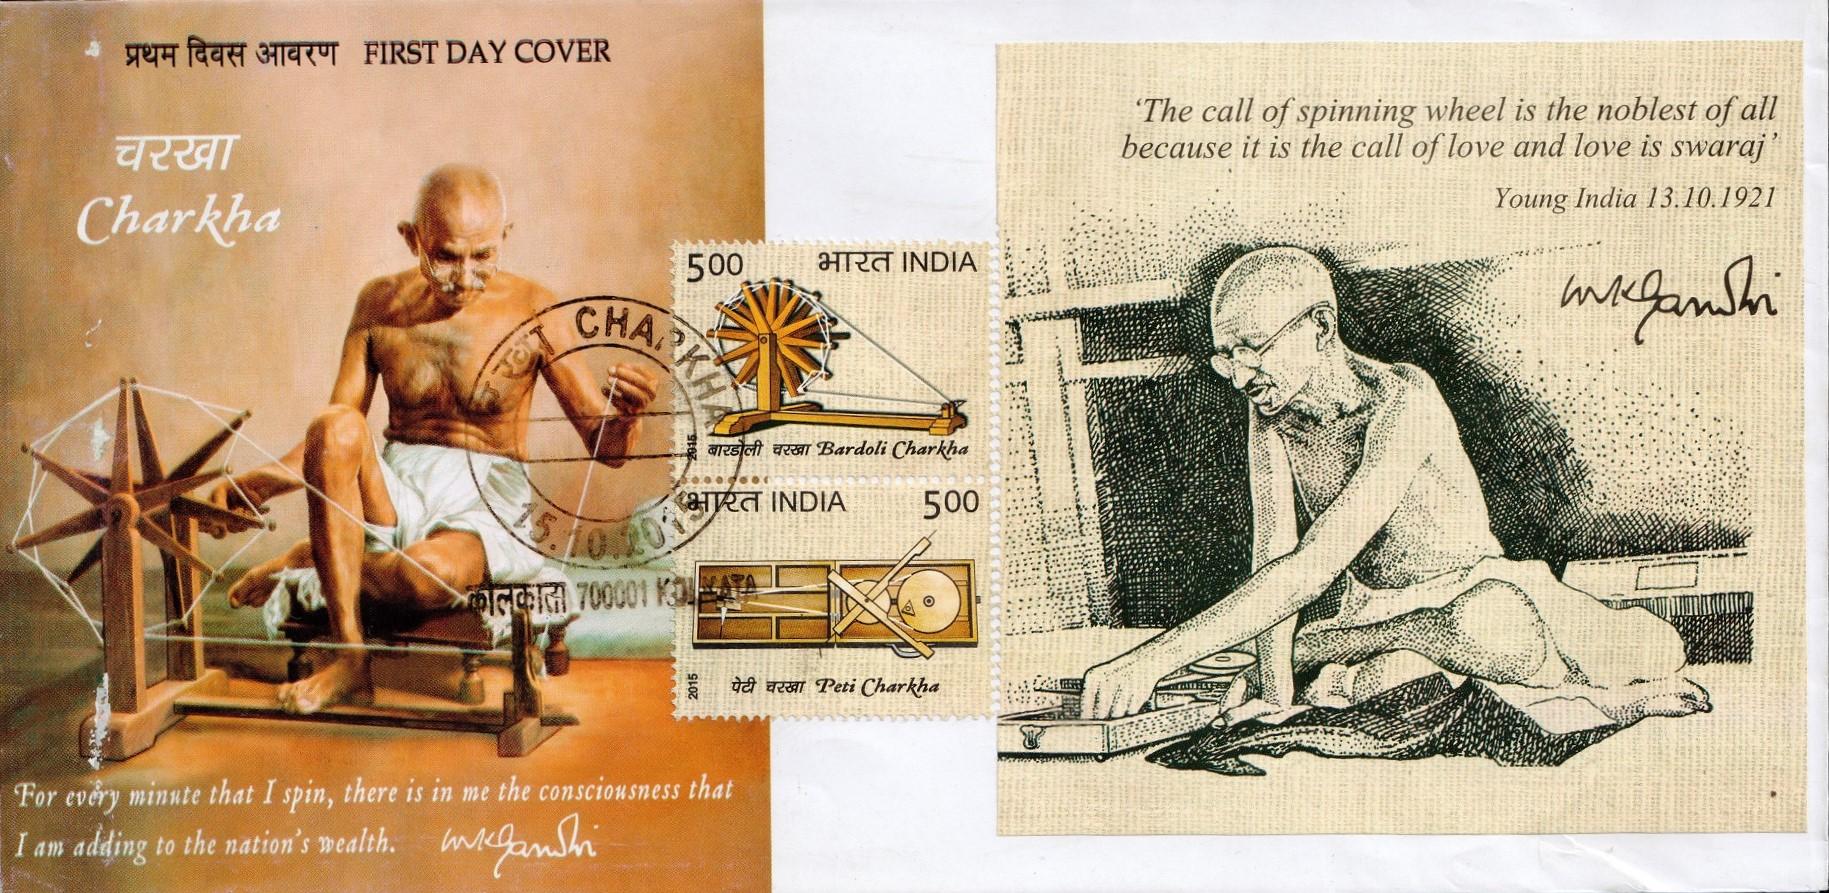 बारडोली और पेटी चरखा : महात्मा गांधी